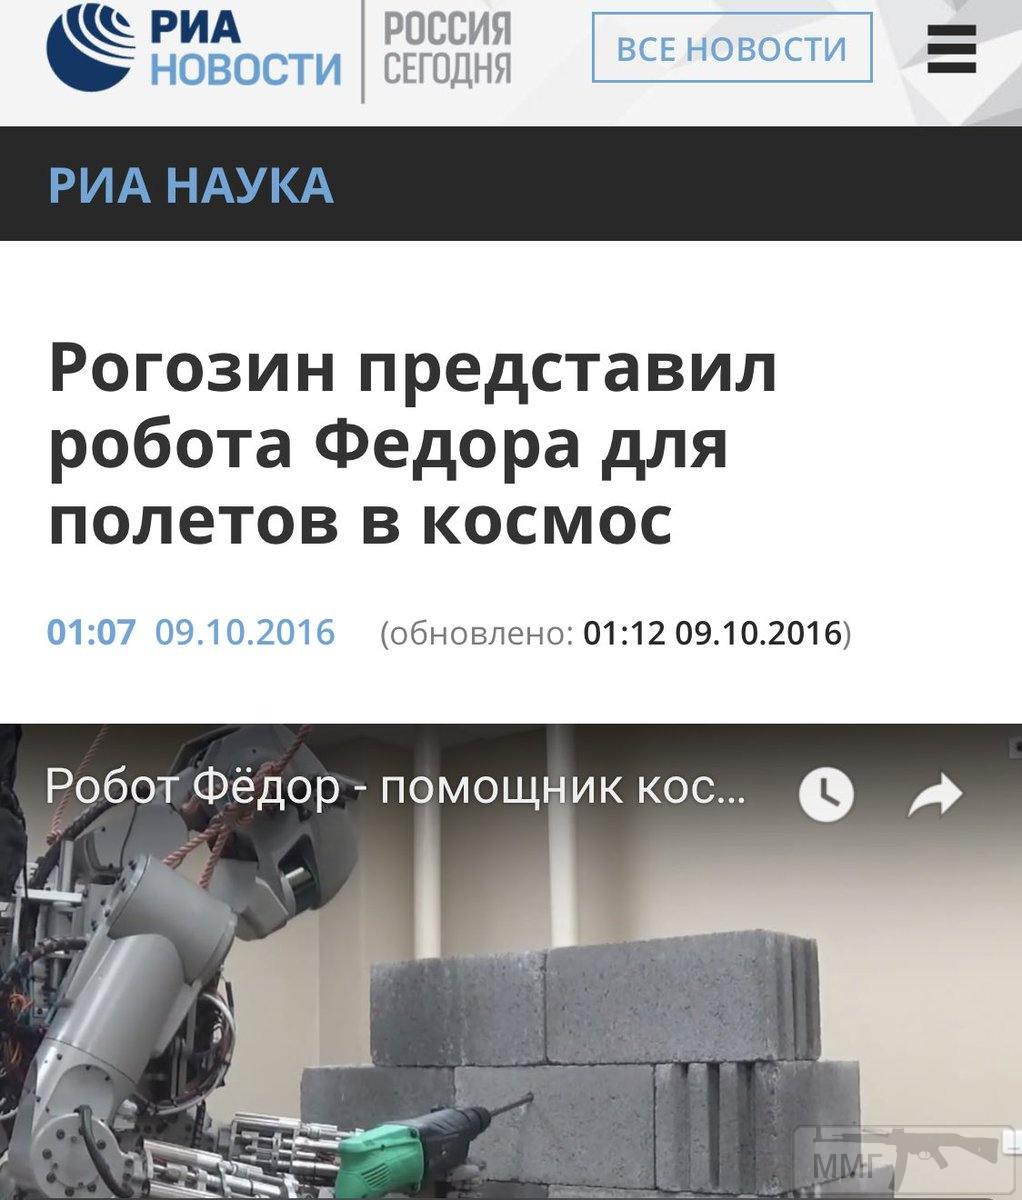 34646 - Новости современной космонавтики